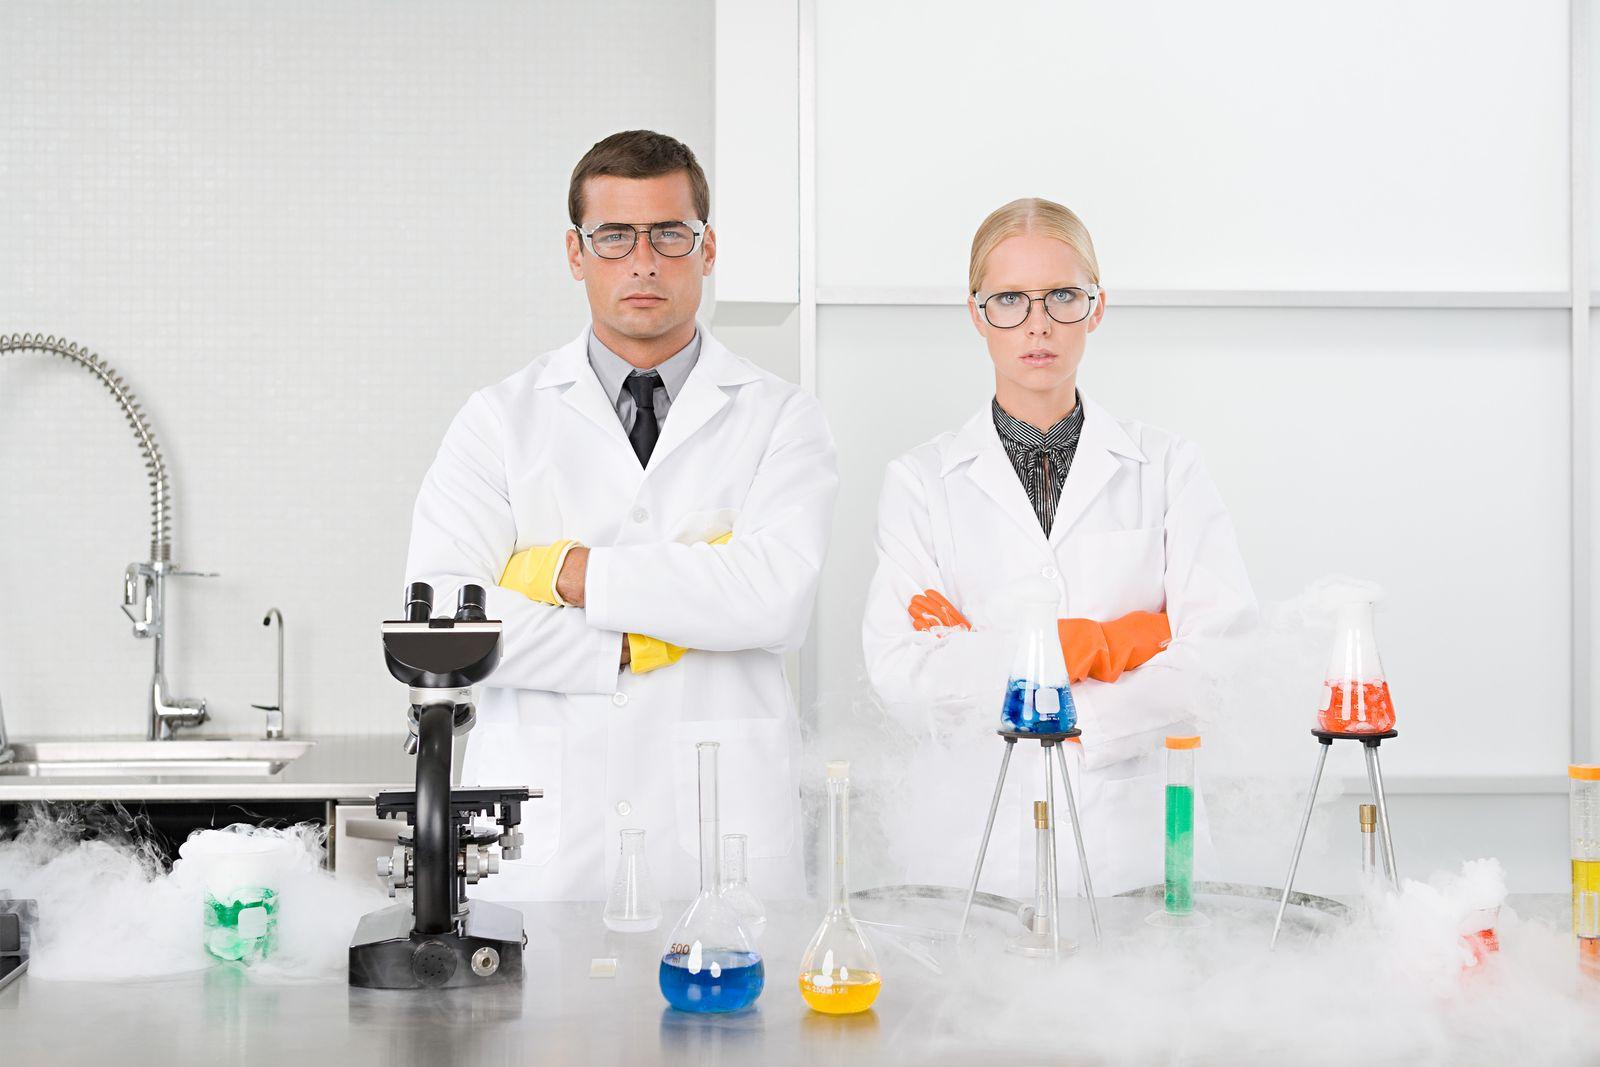 NICHT MEHR VERWENDEN! - Wissenschaftler/ Labor / Frauen